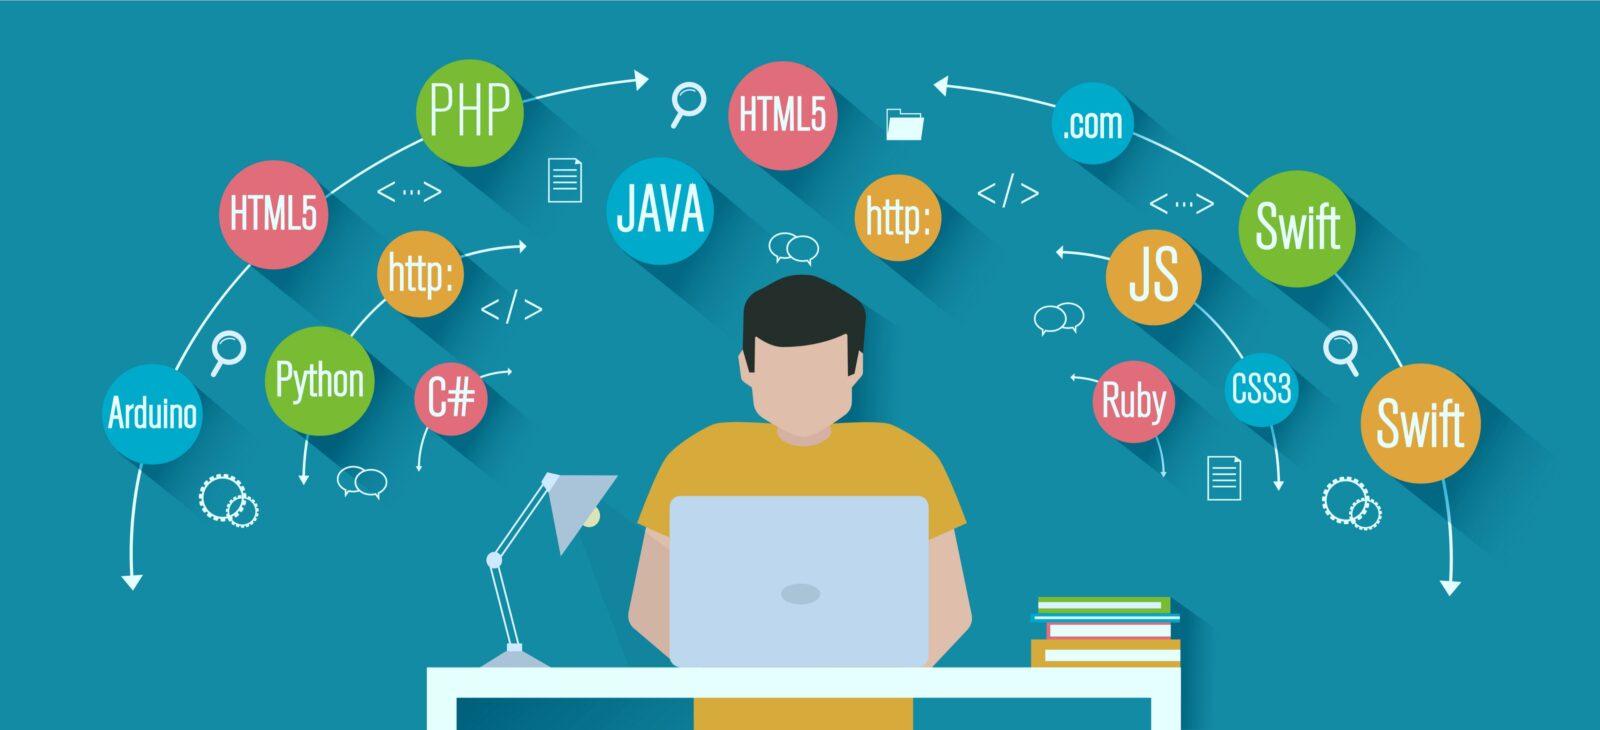 Programming languages.